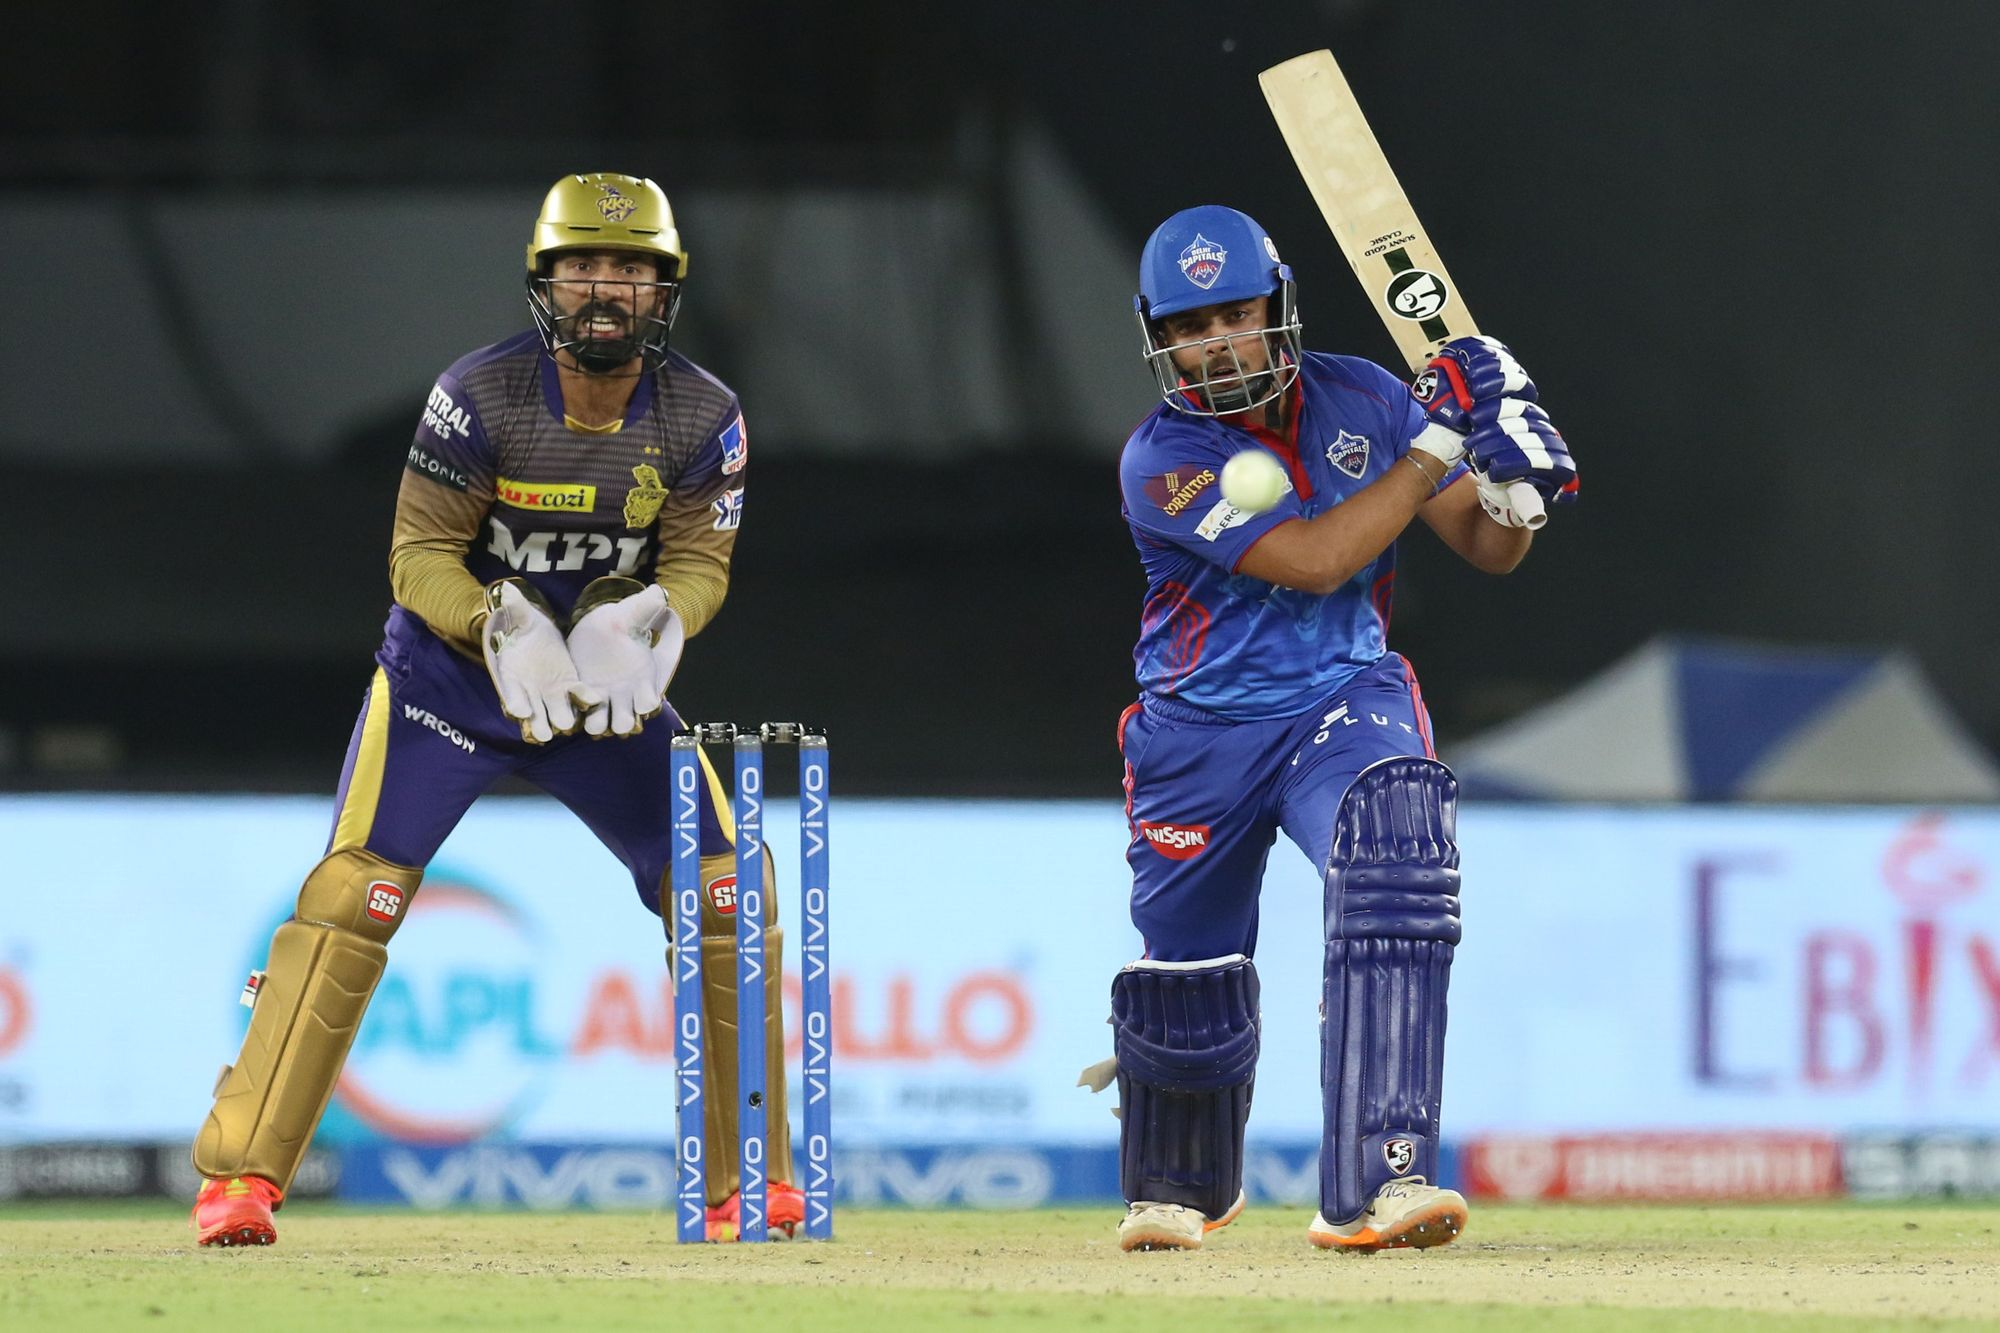 IPL 2021 Qualifier 2; KKR vs DC; Toss Report: টস জিতে প্রথমে বোলিং করার সিদ্ধান্ত অধিনায়ক ইয়ন মরগ্যানের, দিল্লির বিরুদ্ধে দুর্দান্ত টিম কেকেআরের 3